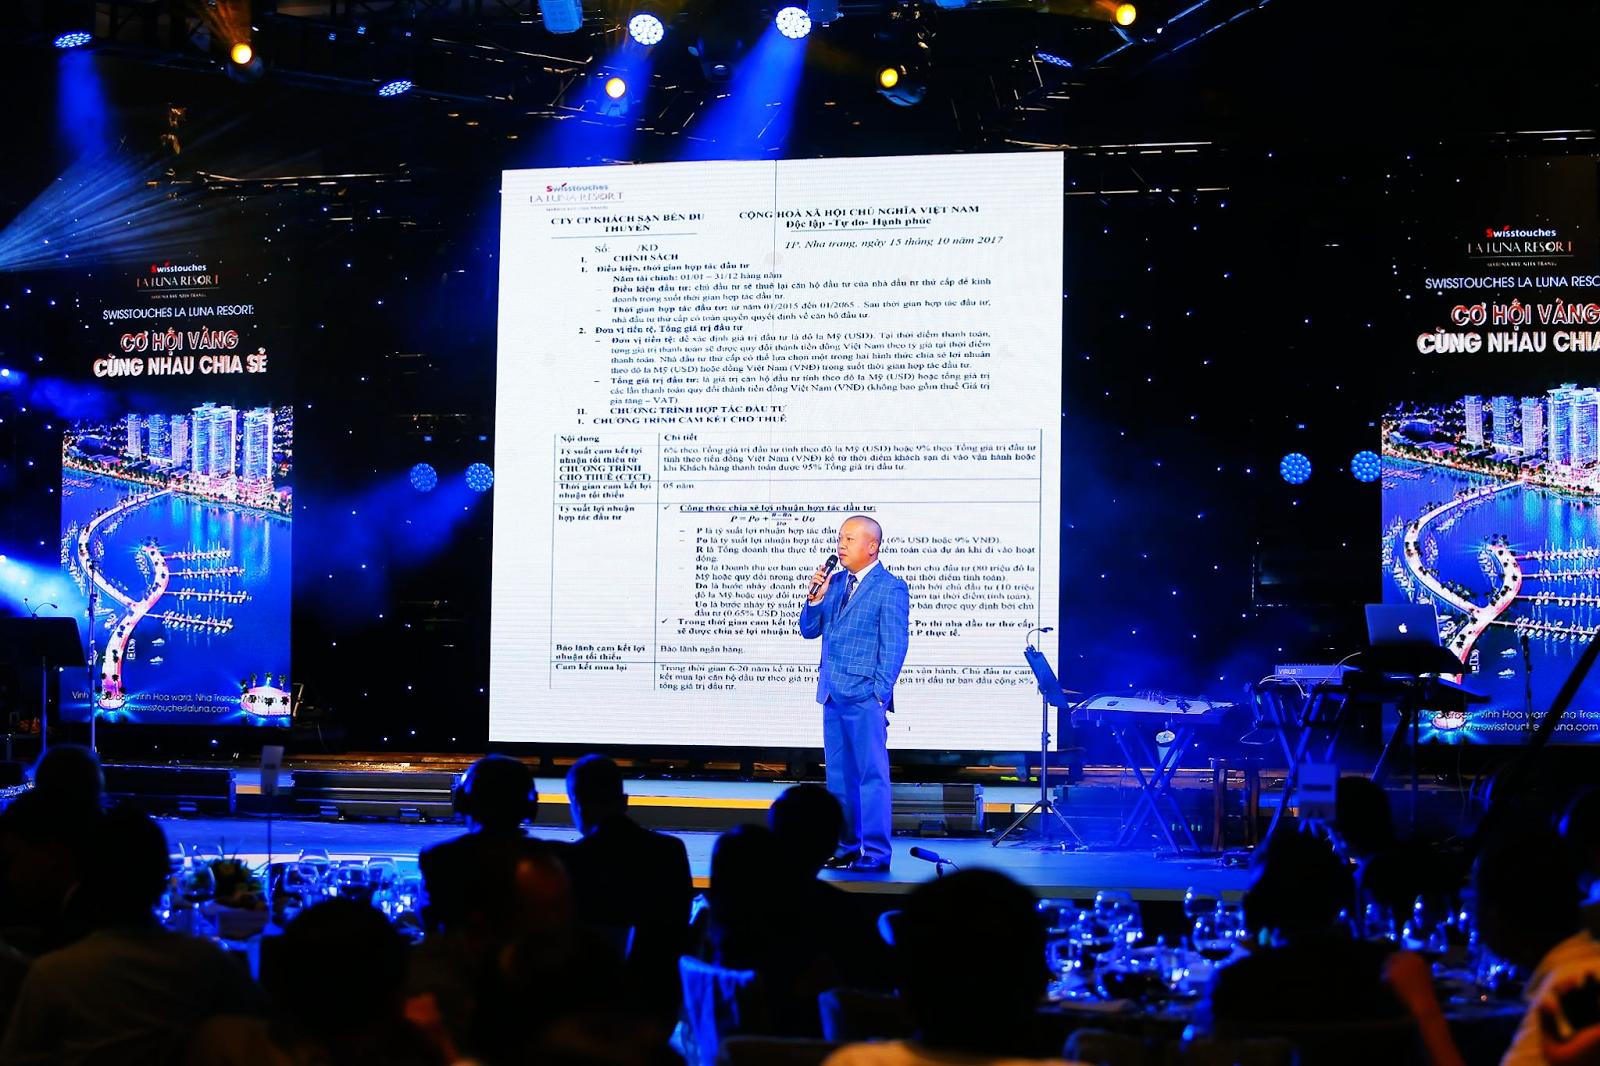 Ông Lã Quang Bình chia sẻ về chính sách và giá bán của La Luna Resort